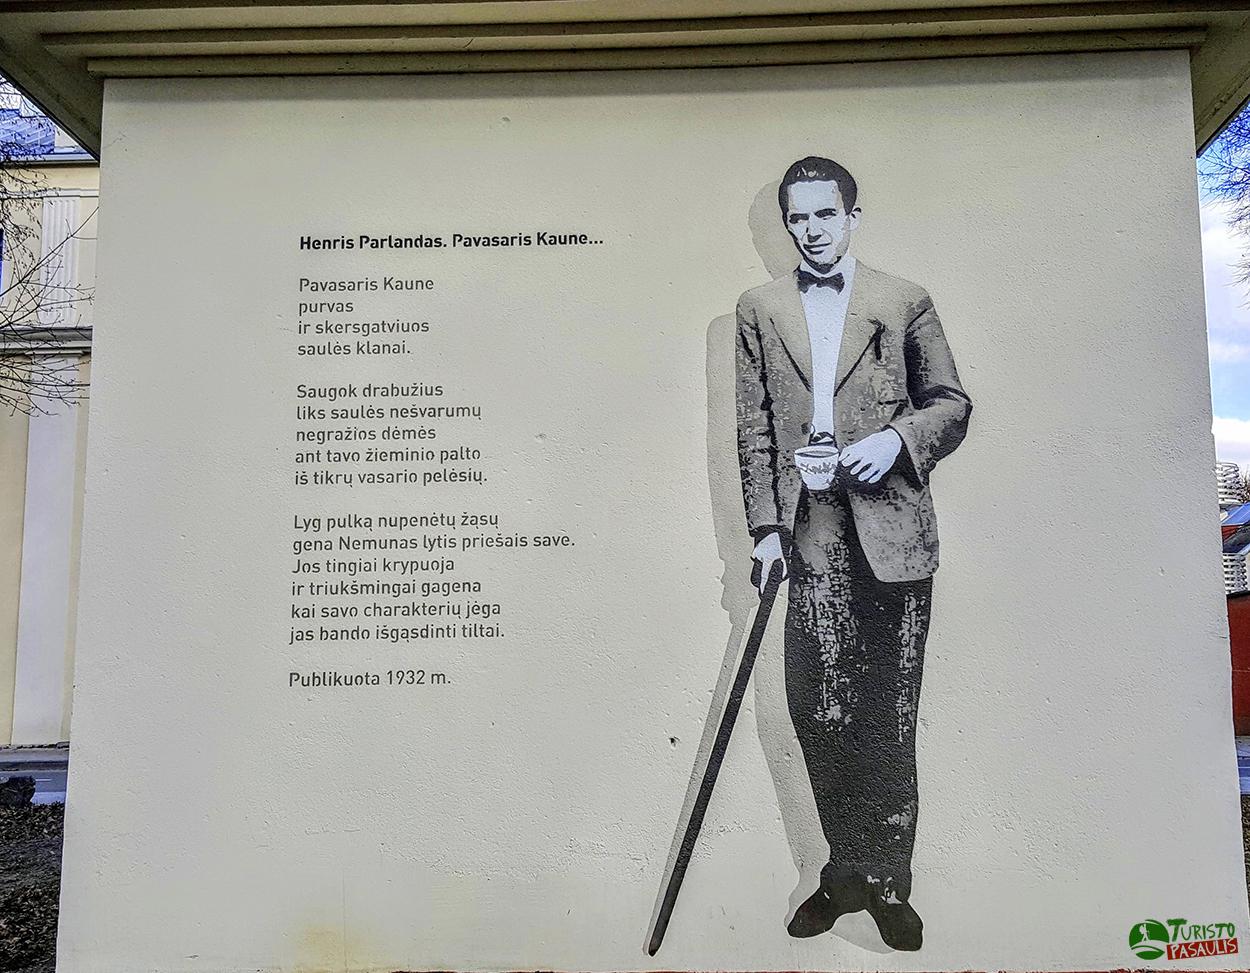 Kaunas graffiti Henris Parlandas